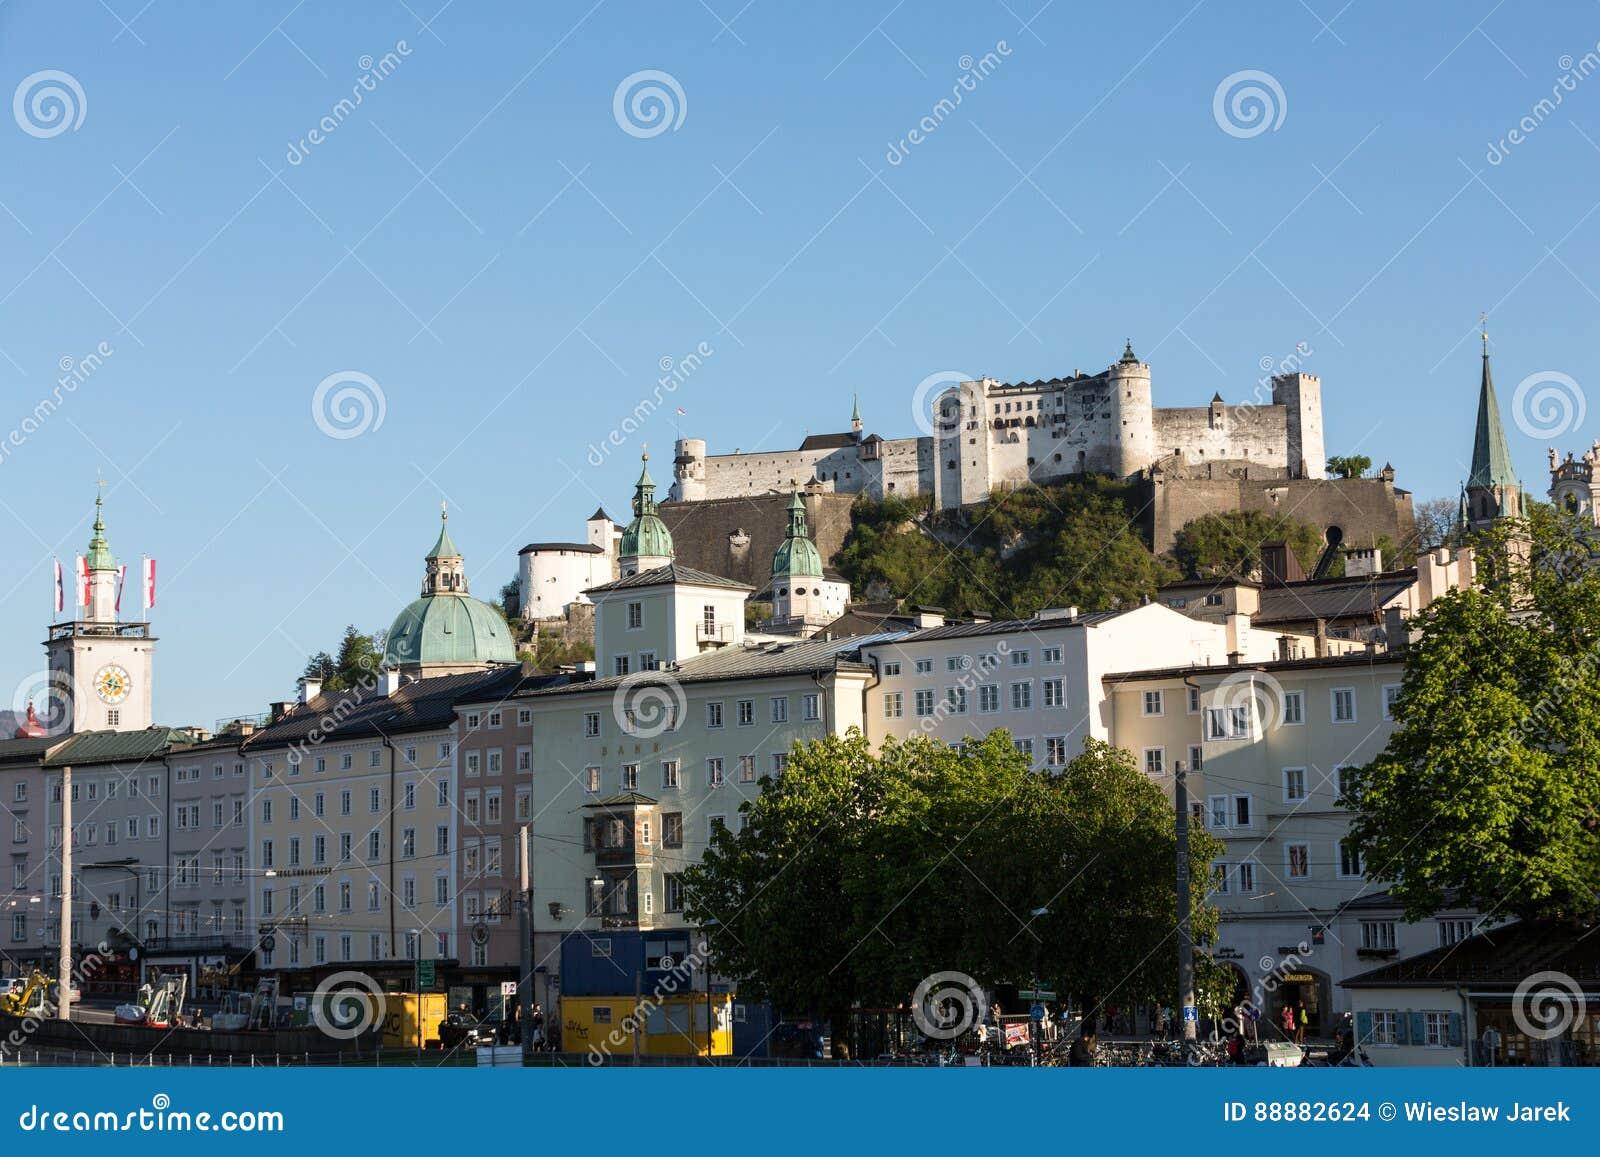 老镇和堡垒Hohensalzburg,美丽的中世纪城堡在萨尔茨堡,